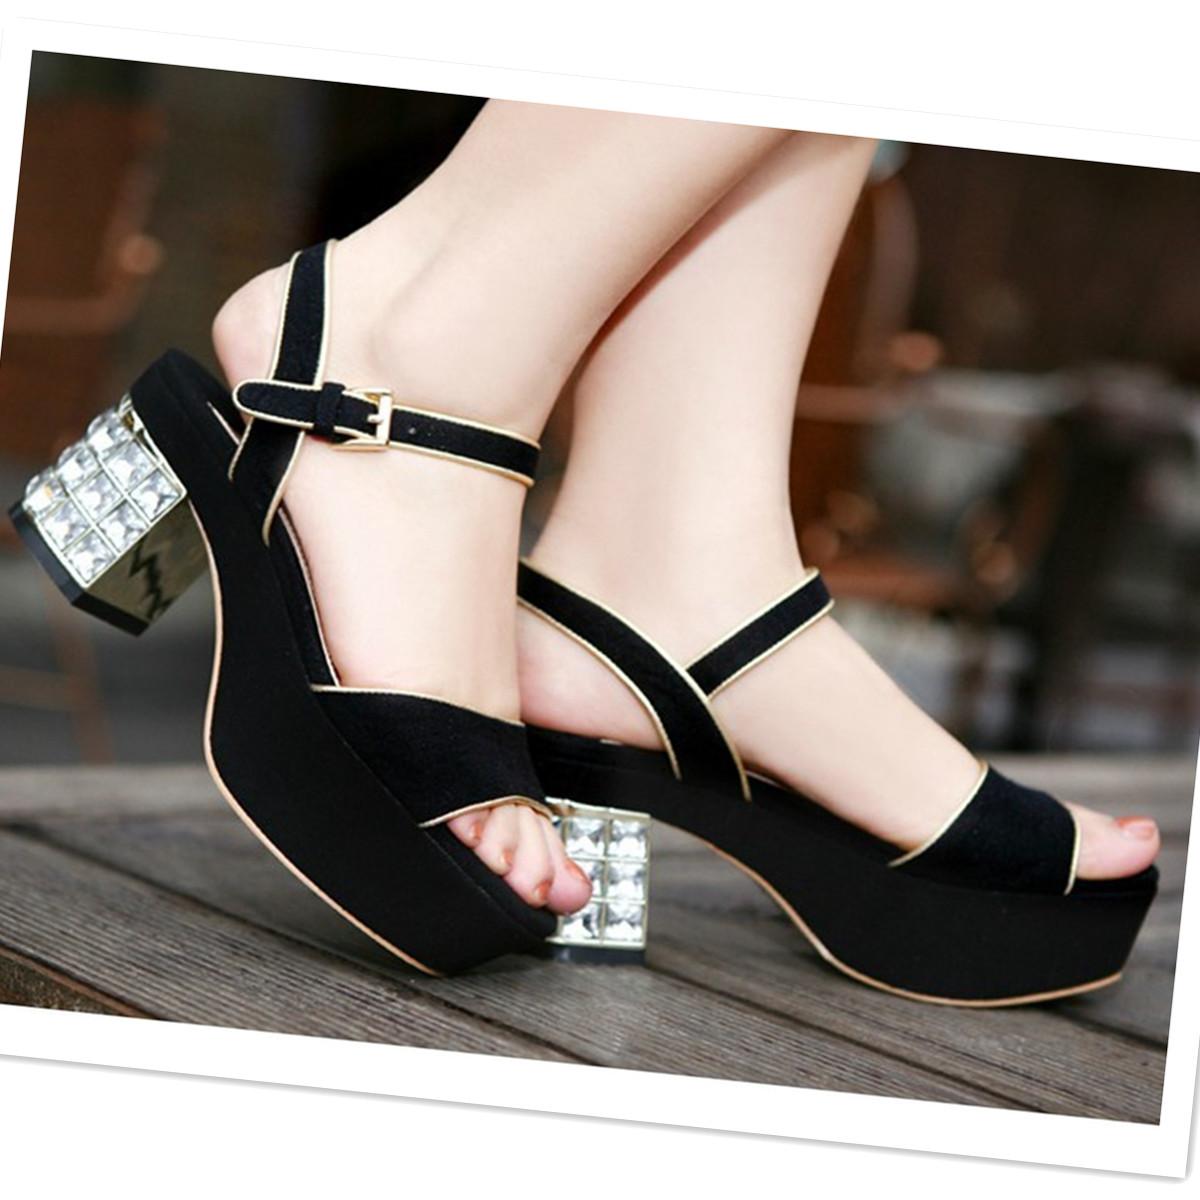 欧洲站miu缪新款女鞋 水晶钻高跟粗跟防水台 厚底磨砂皮水钻凉鞋